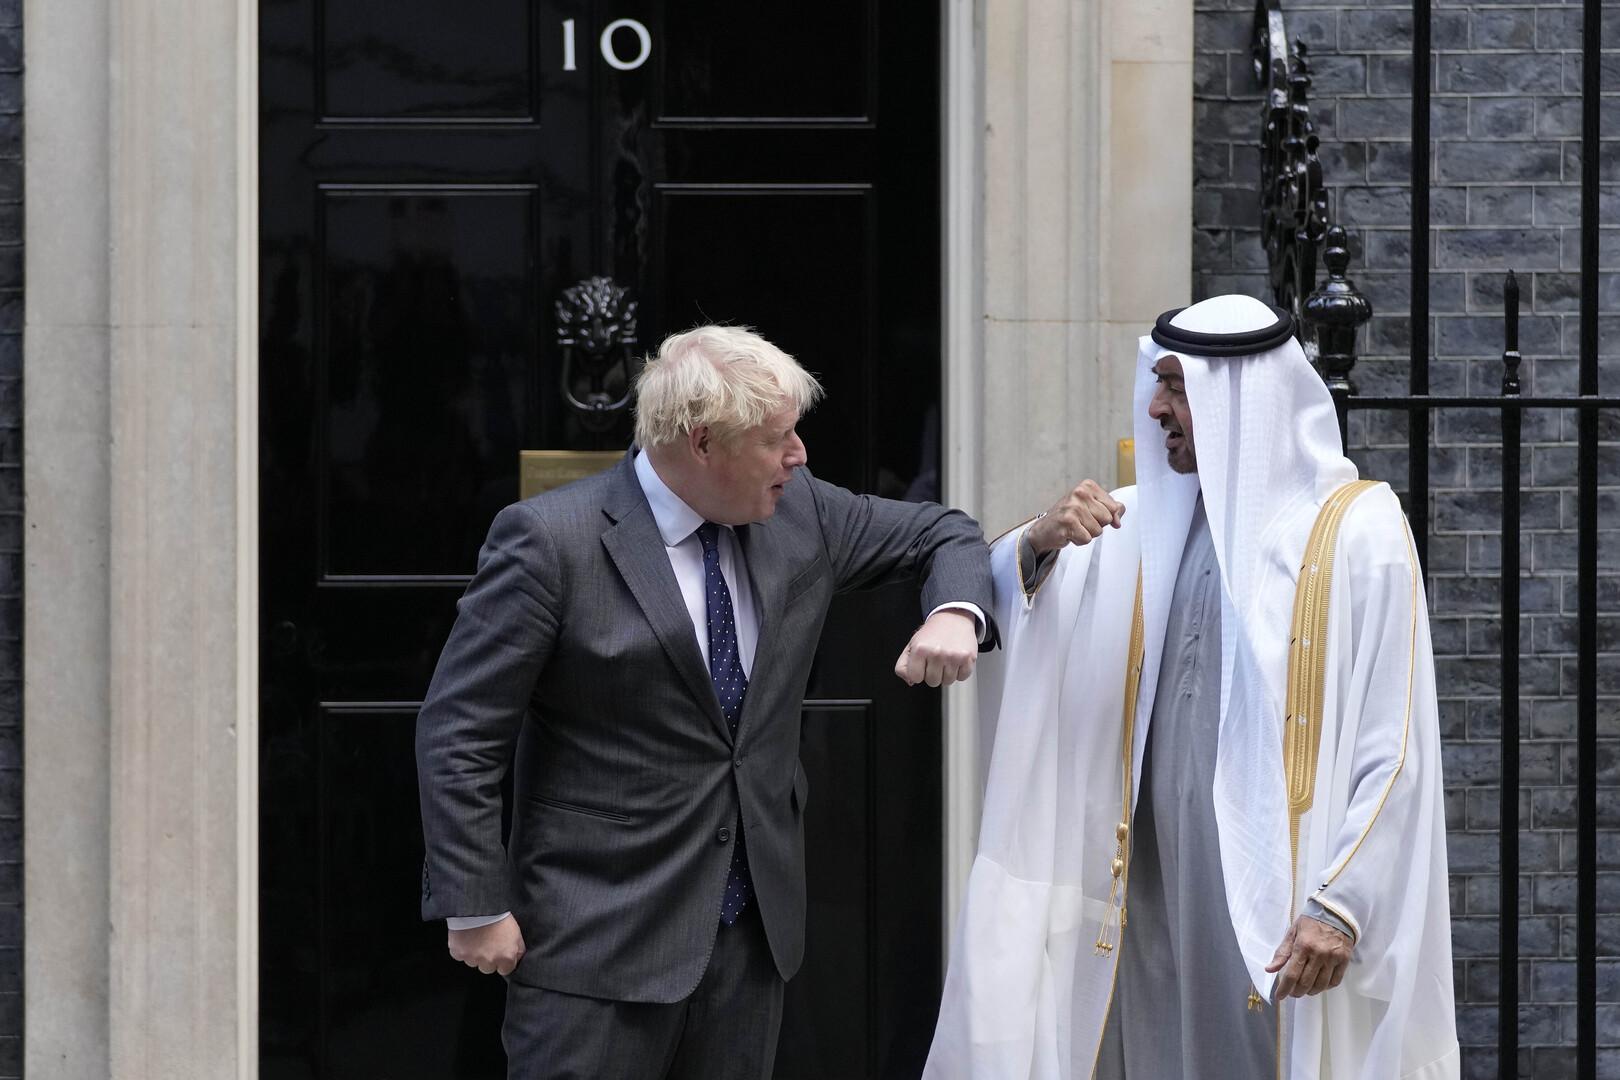 الإمارات تستثمر 10 مليارات جنيه إسترليني في قطاعات حيوية بالمملكة المتحدة